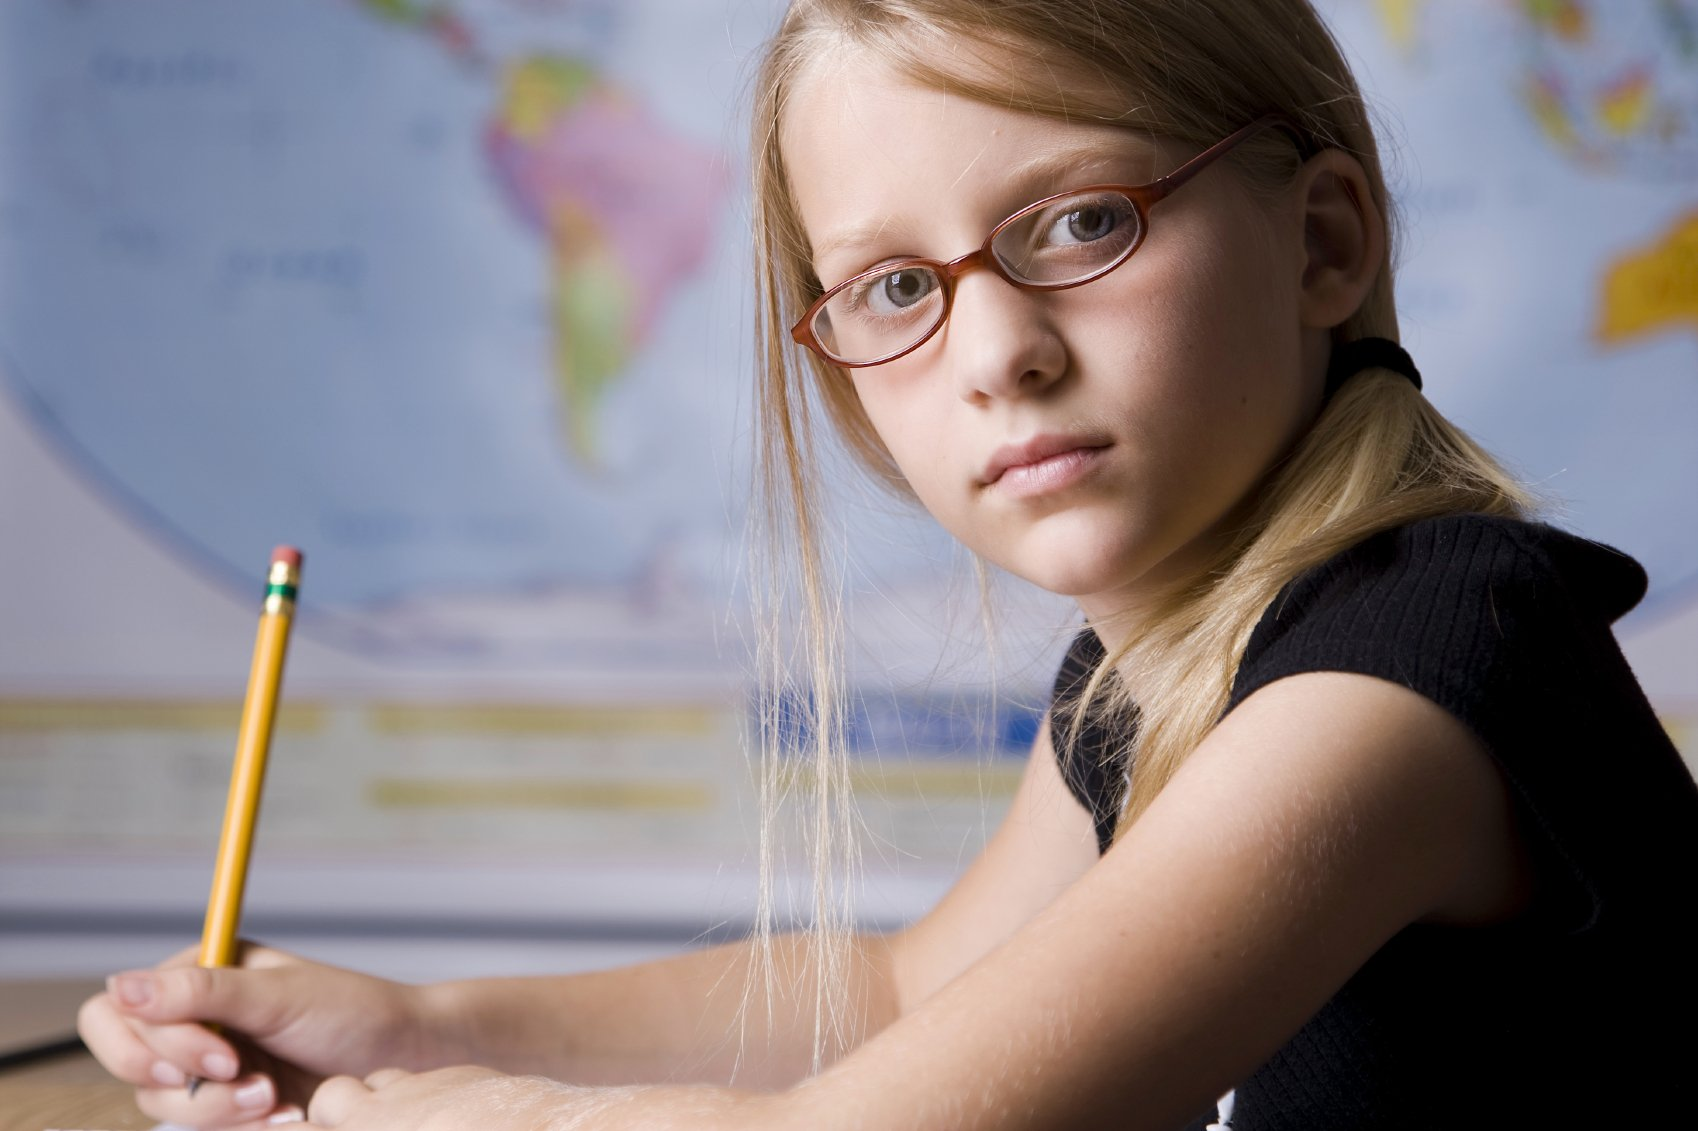 Детское зрение и технологический прогресс